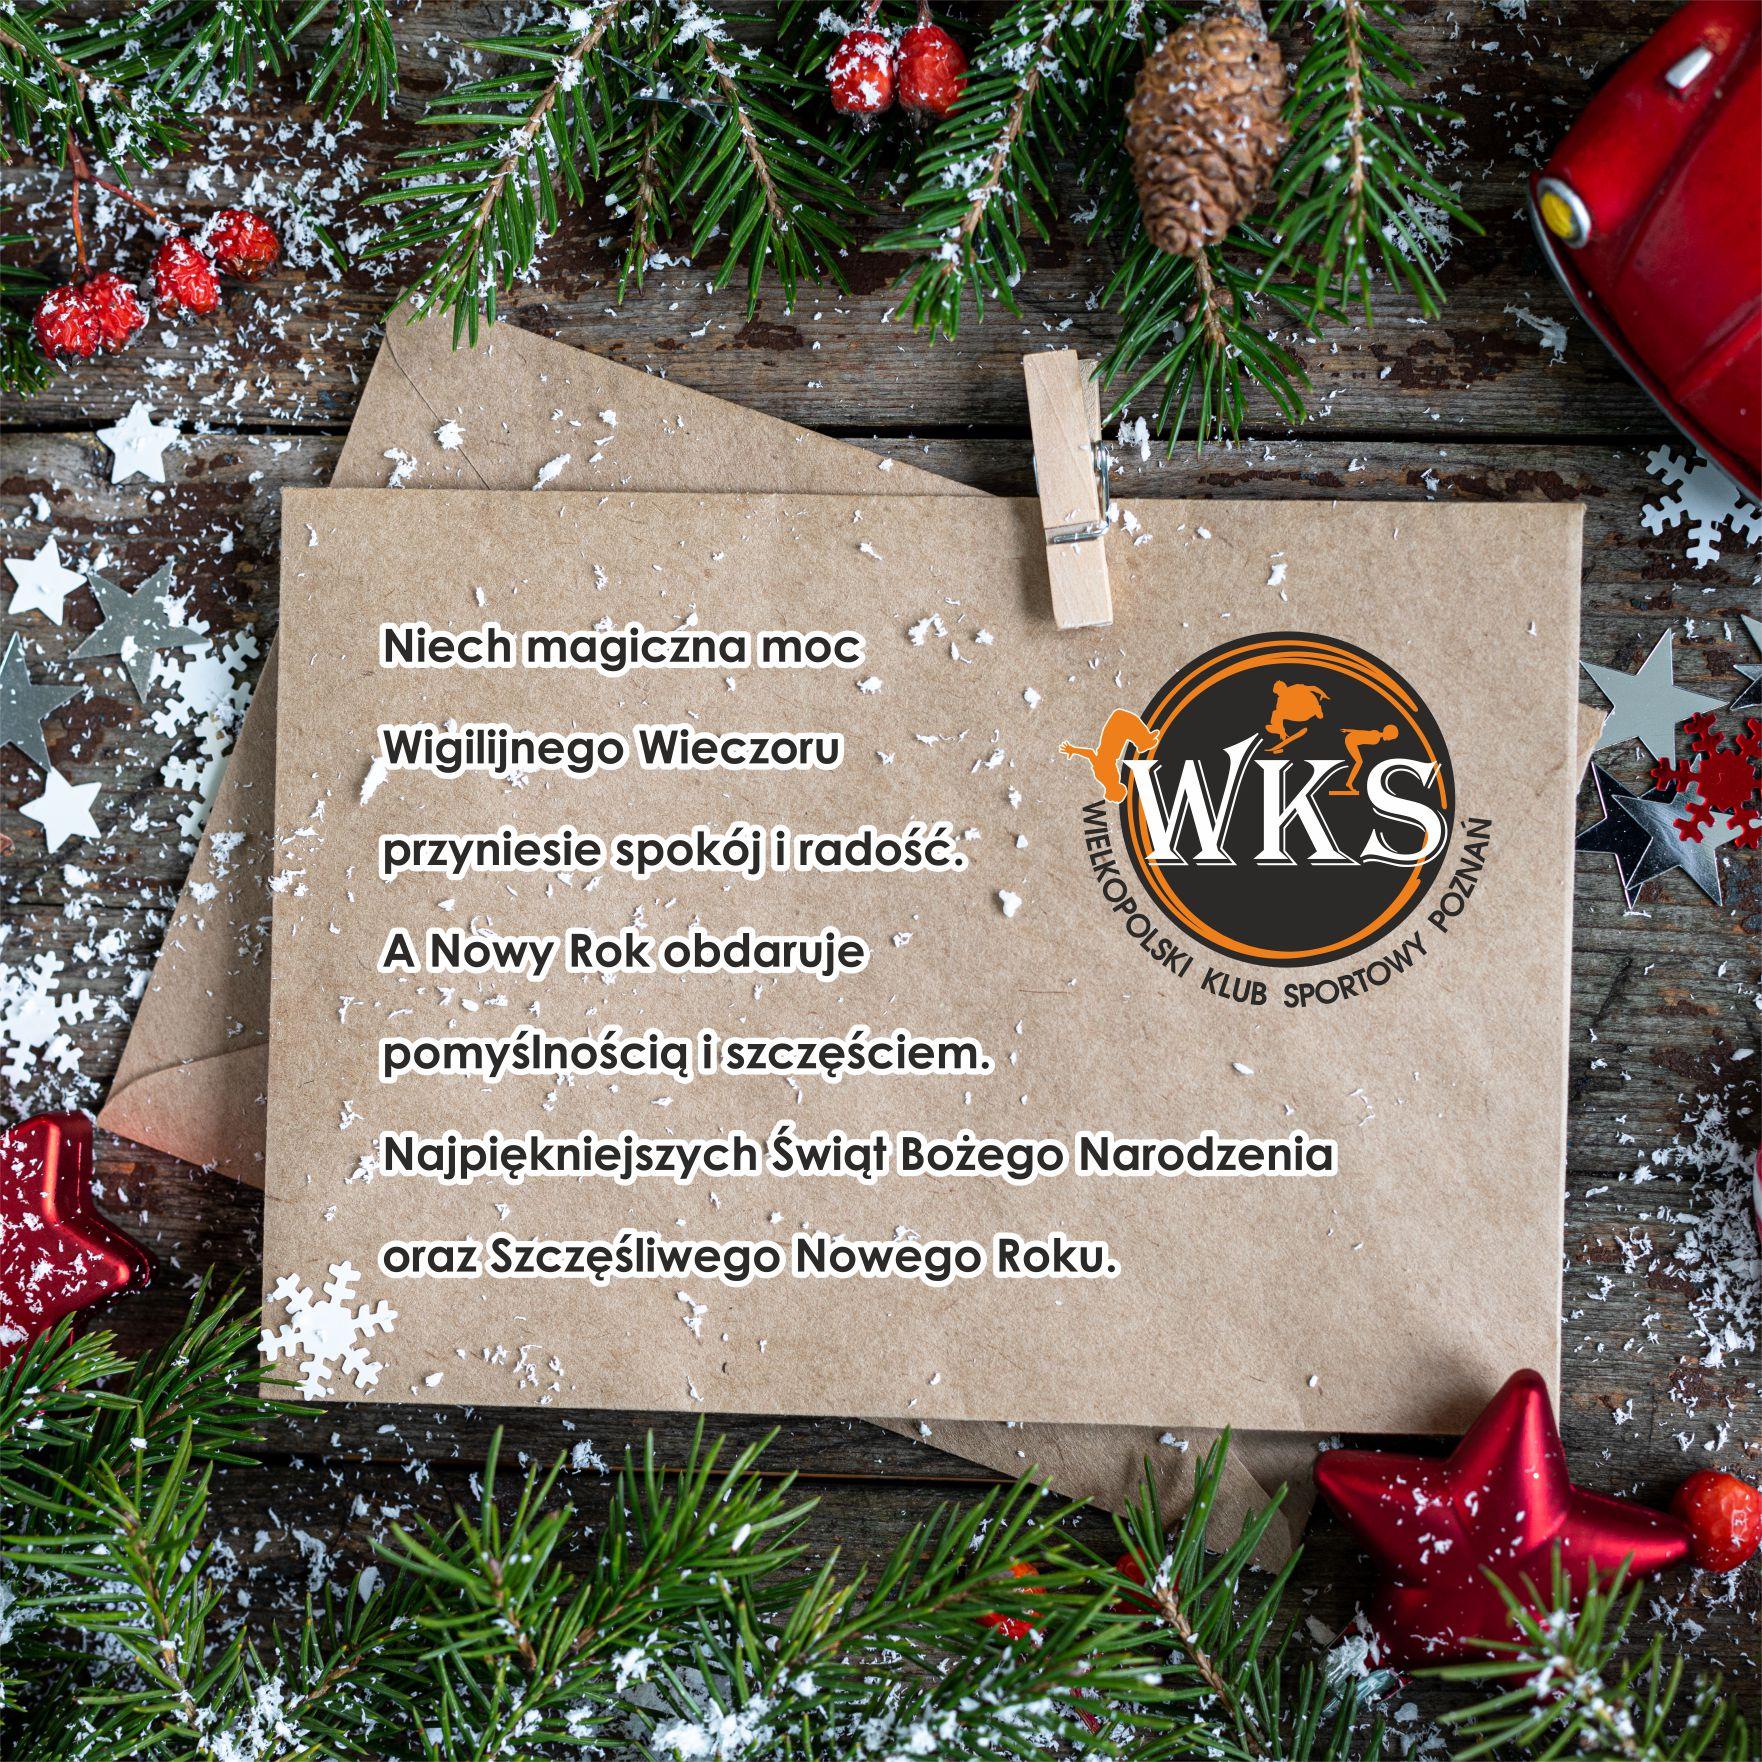 Życzenia od WKS